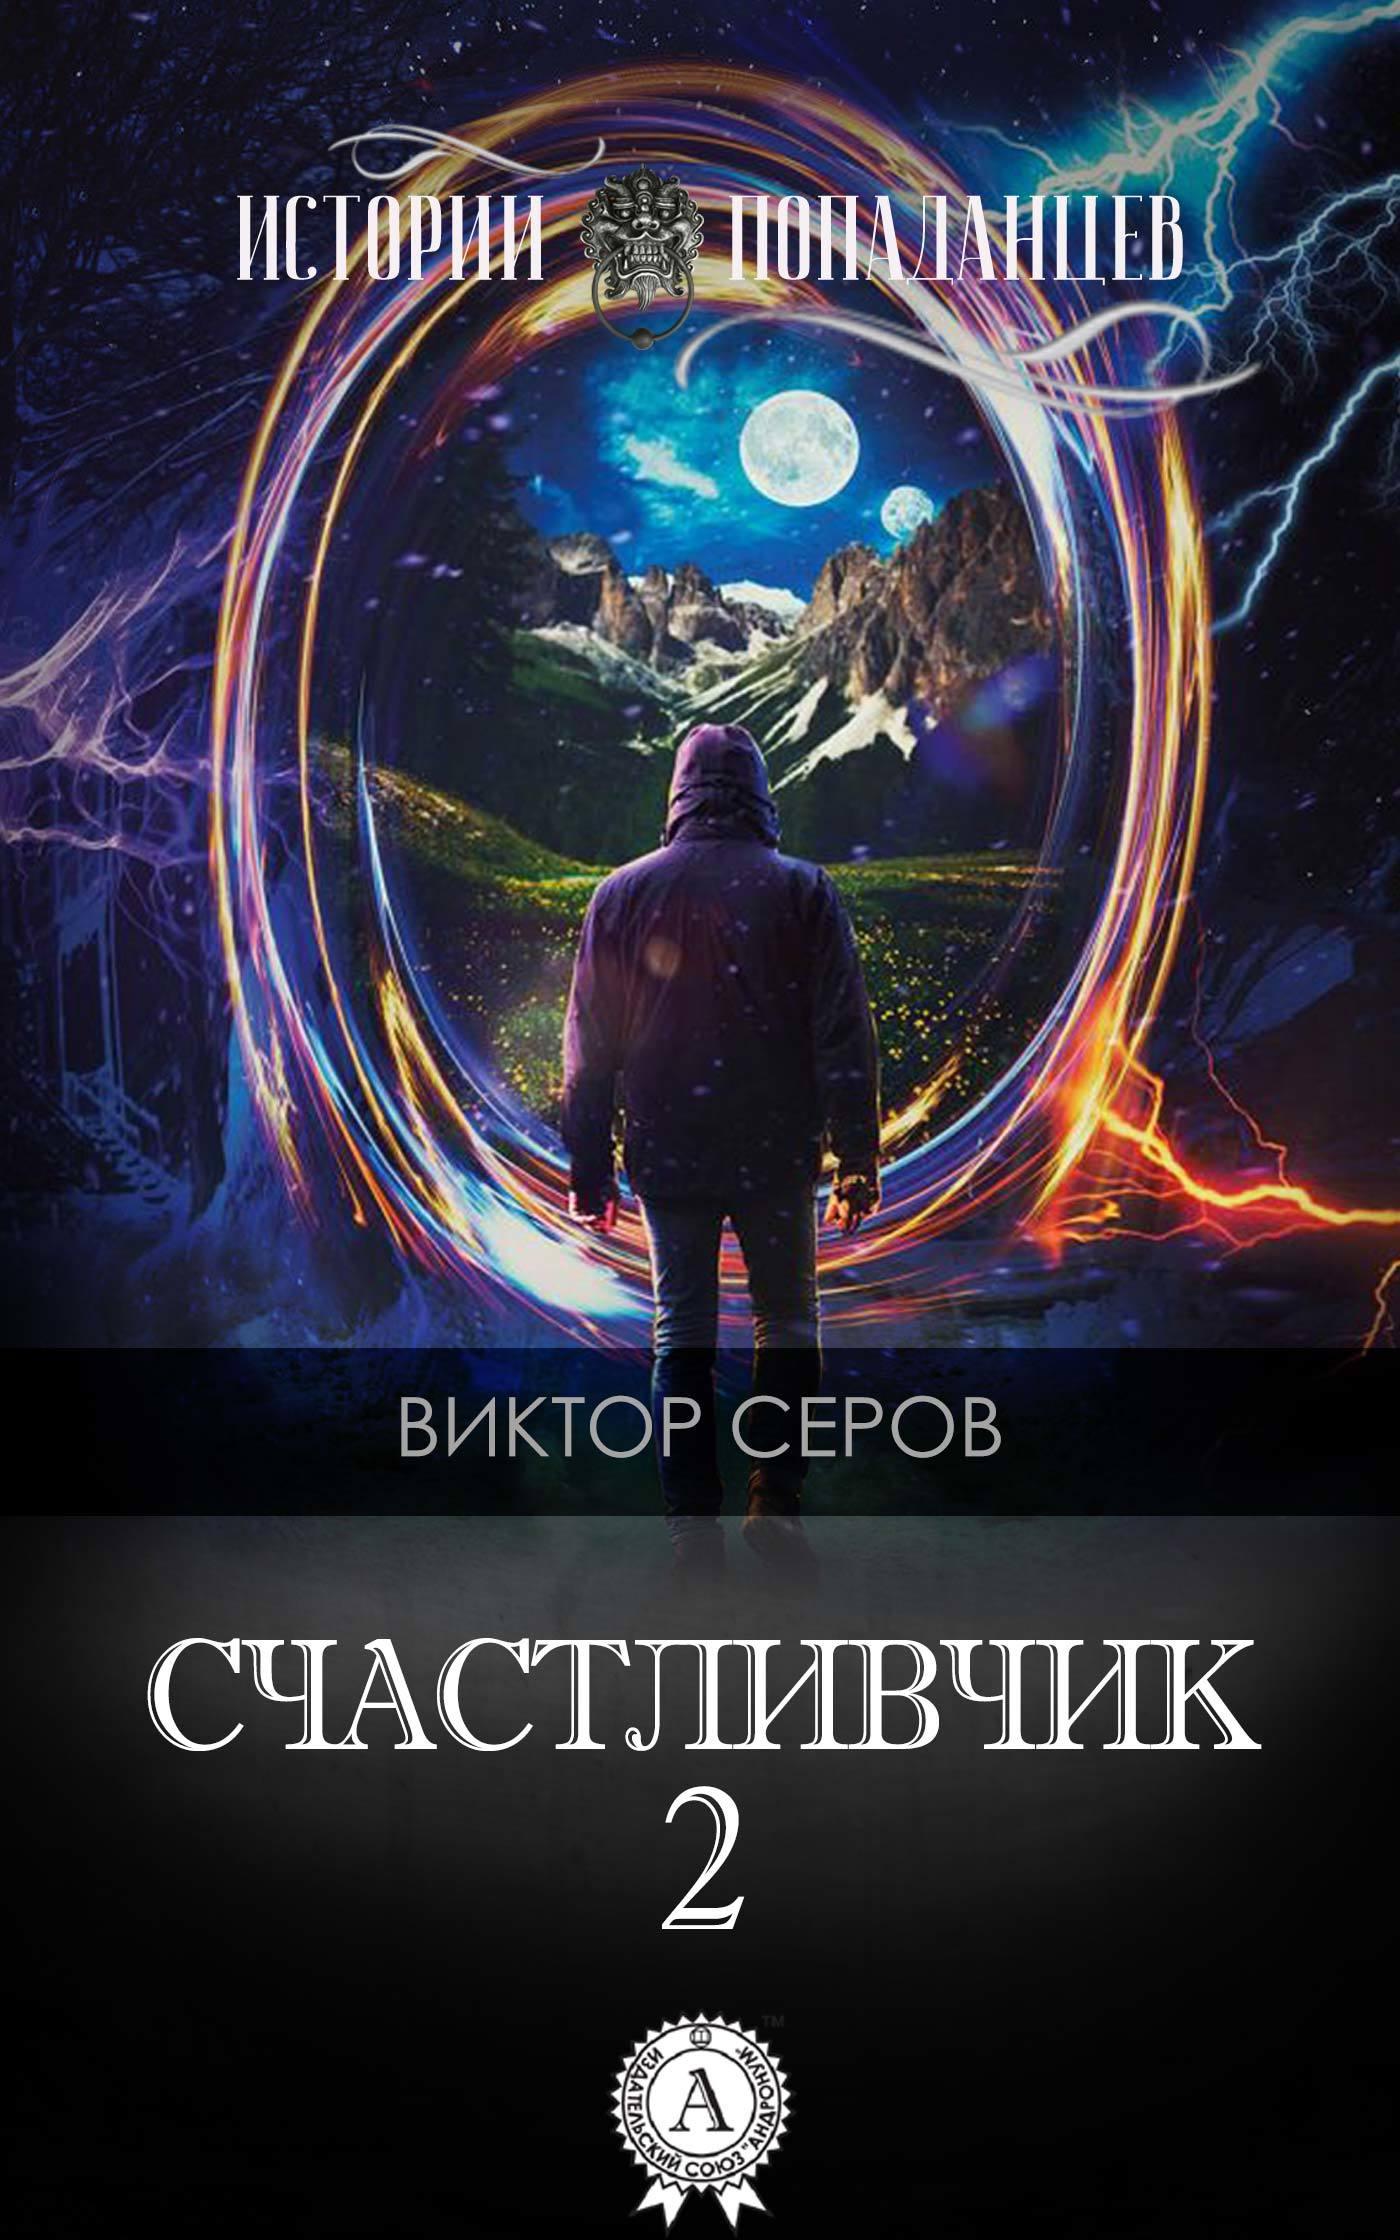 Виктор Серов бесплатно